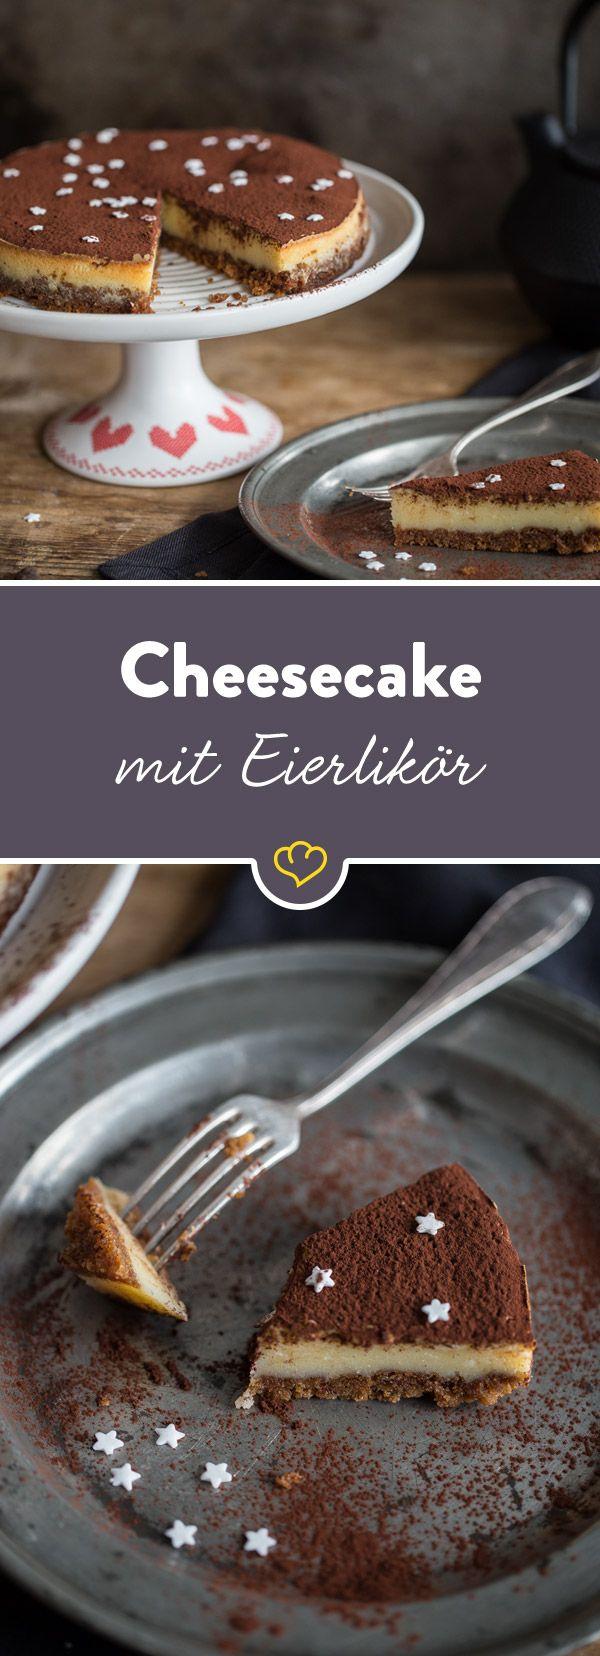 Cremig, sahnig, süß - Eierlikör und amerikanischer Käsekuchen machen gemeinsame Sache und verbinden sich zu einer kleinen Sensation auf deiner Kaffeetafel.